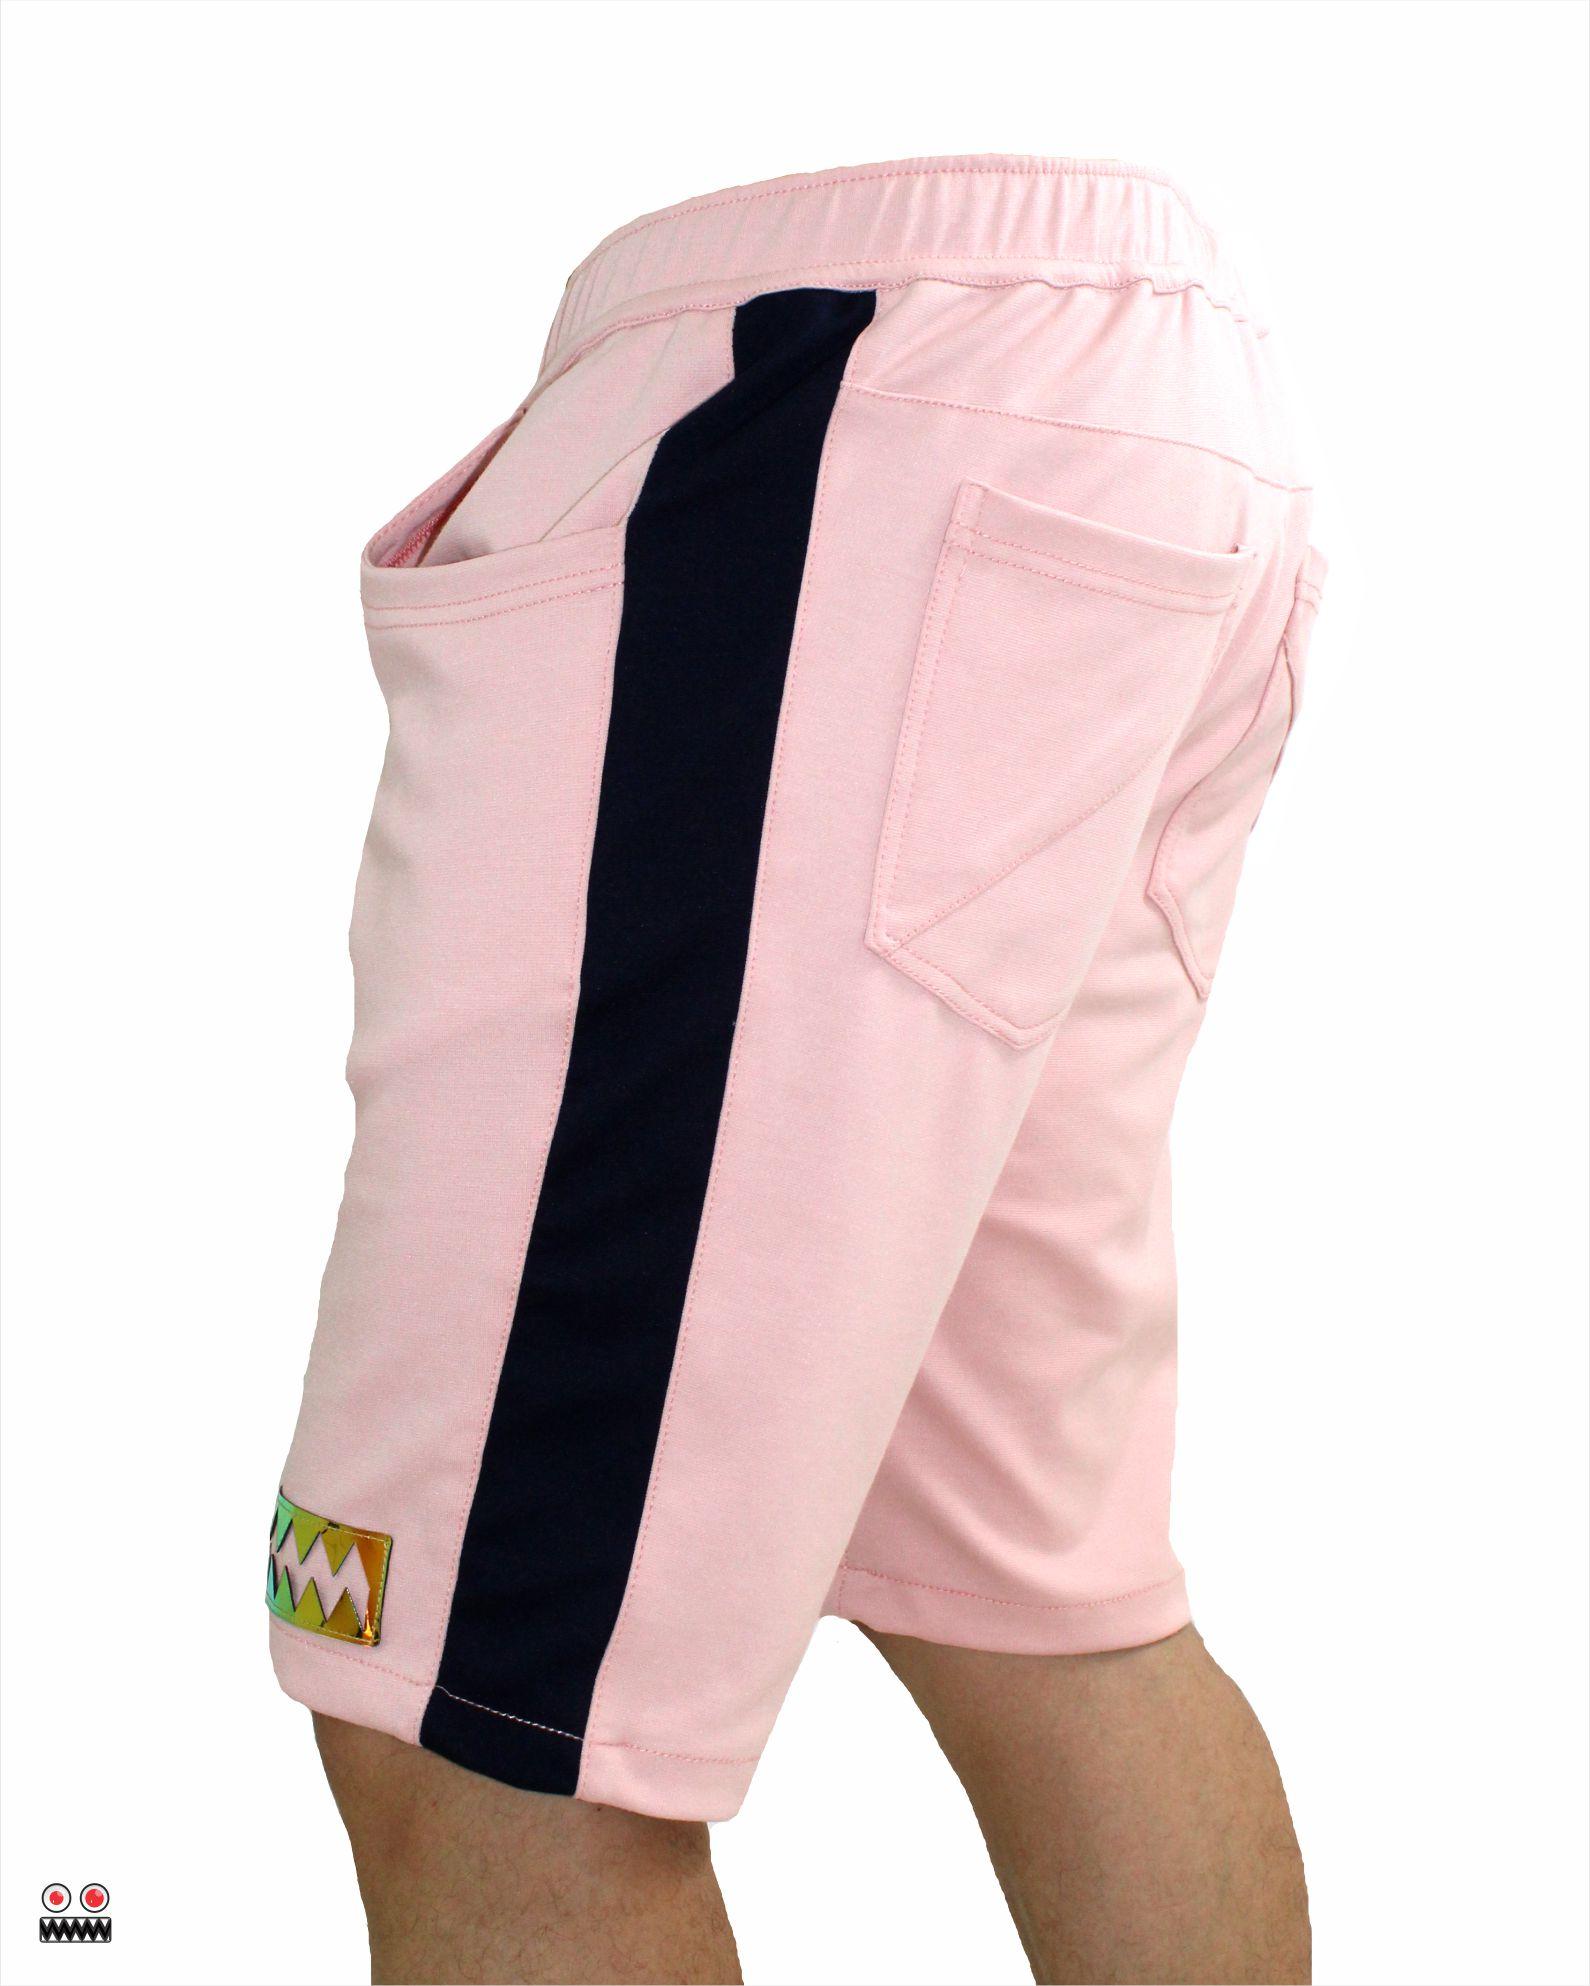 ref 1696  bermuda jogger rosado golden, tela burda jogger en 98% algodón + 2% expande